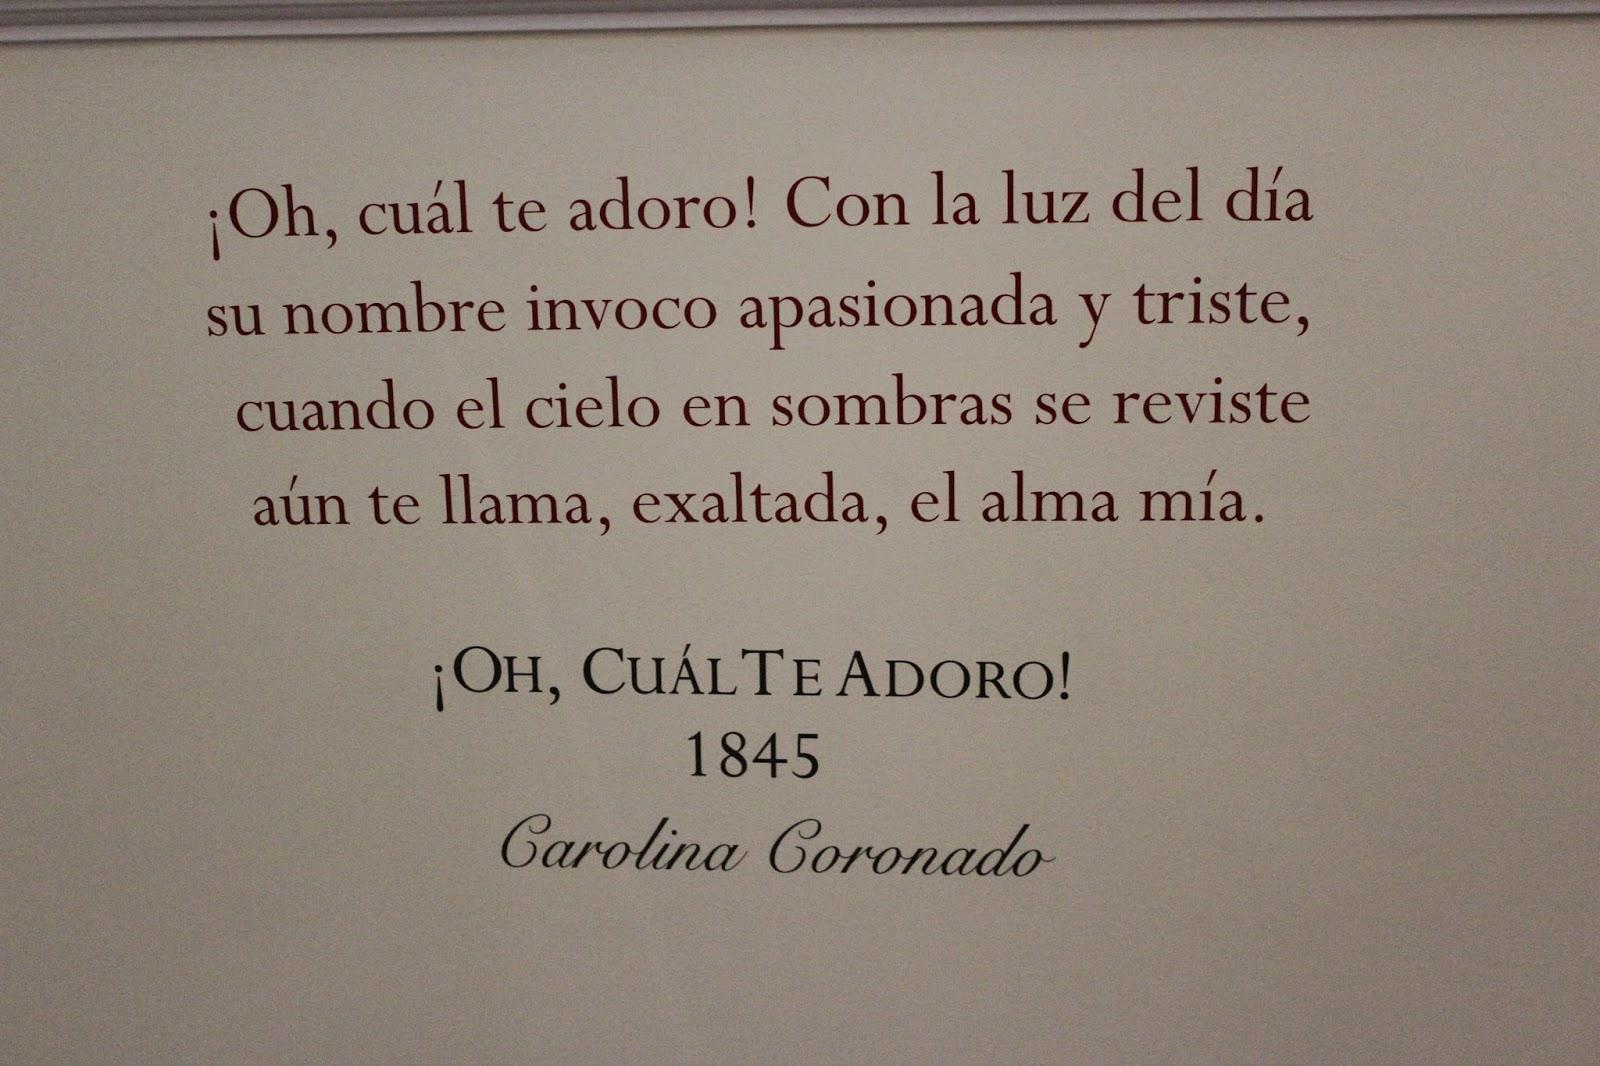 Cita de Carolina Coronado en el Museo del Romanticismo